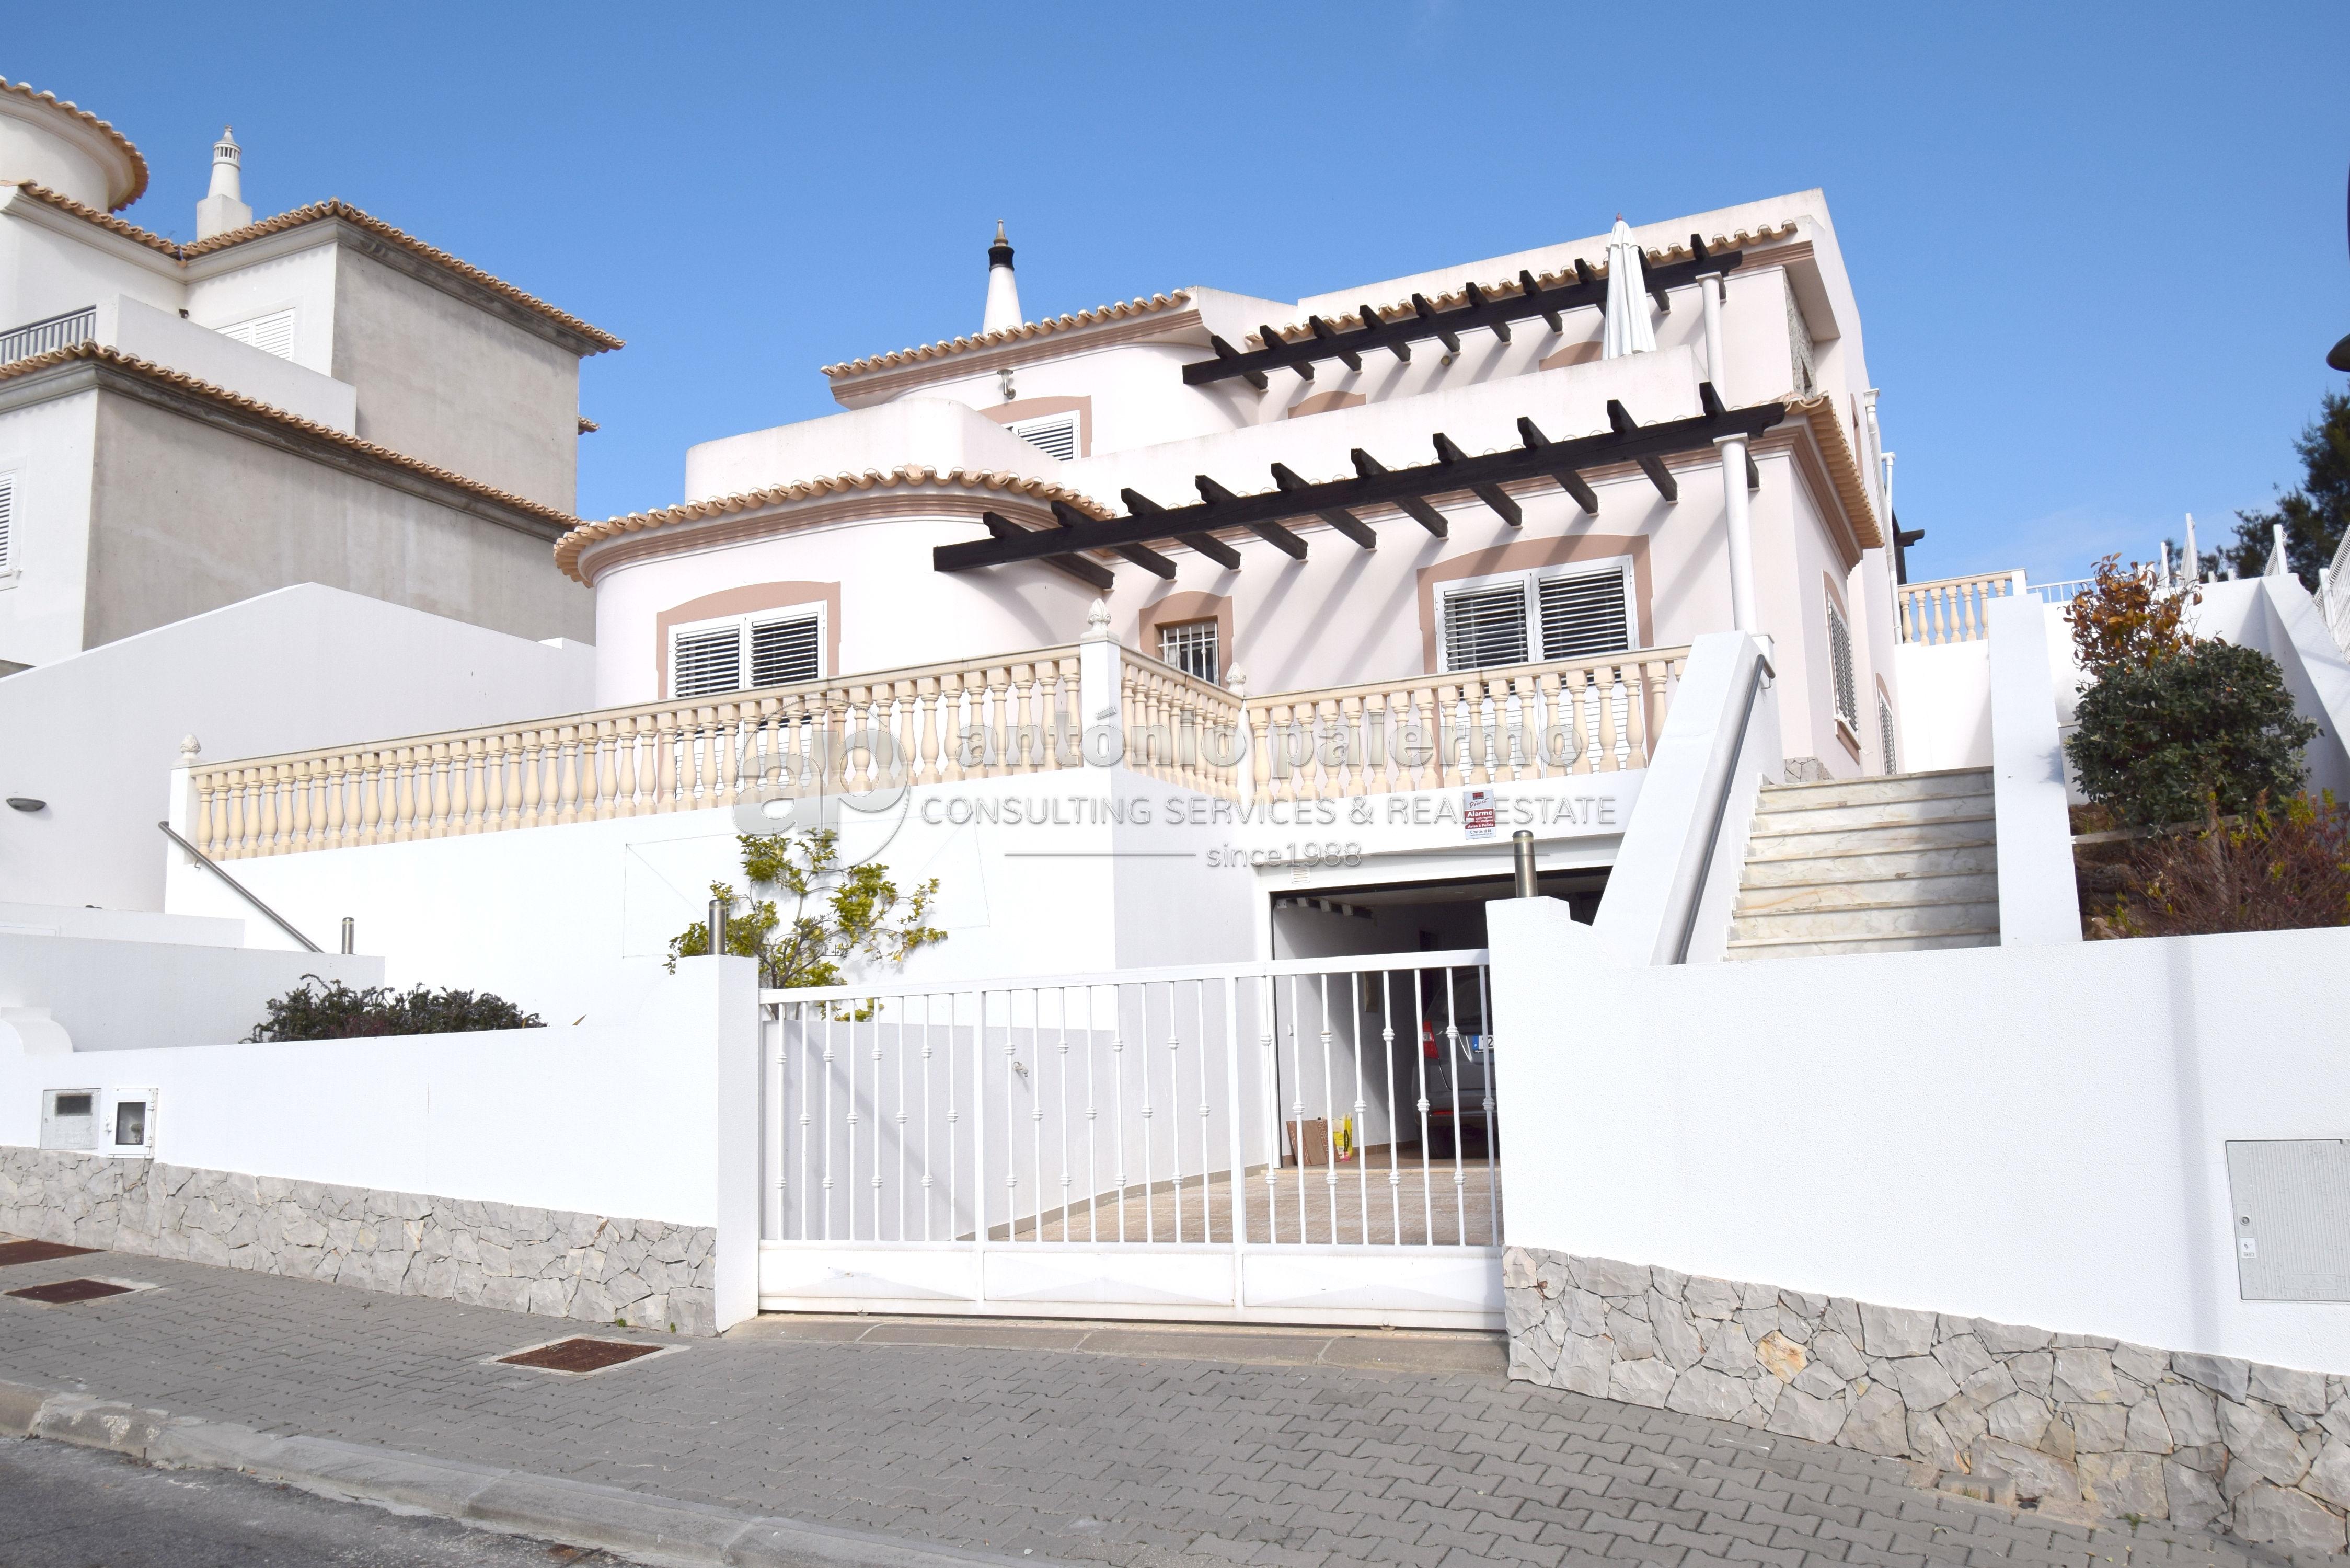 Maison individuelle à vendre, avec 4 chambres, garage et piscine.